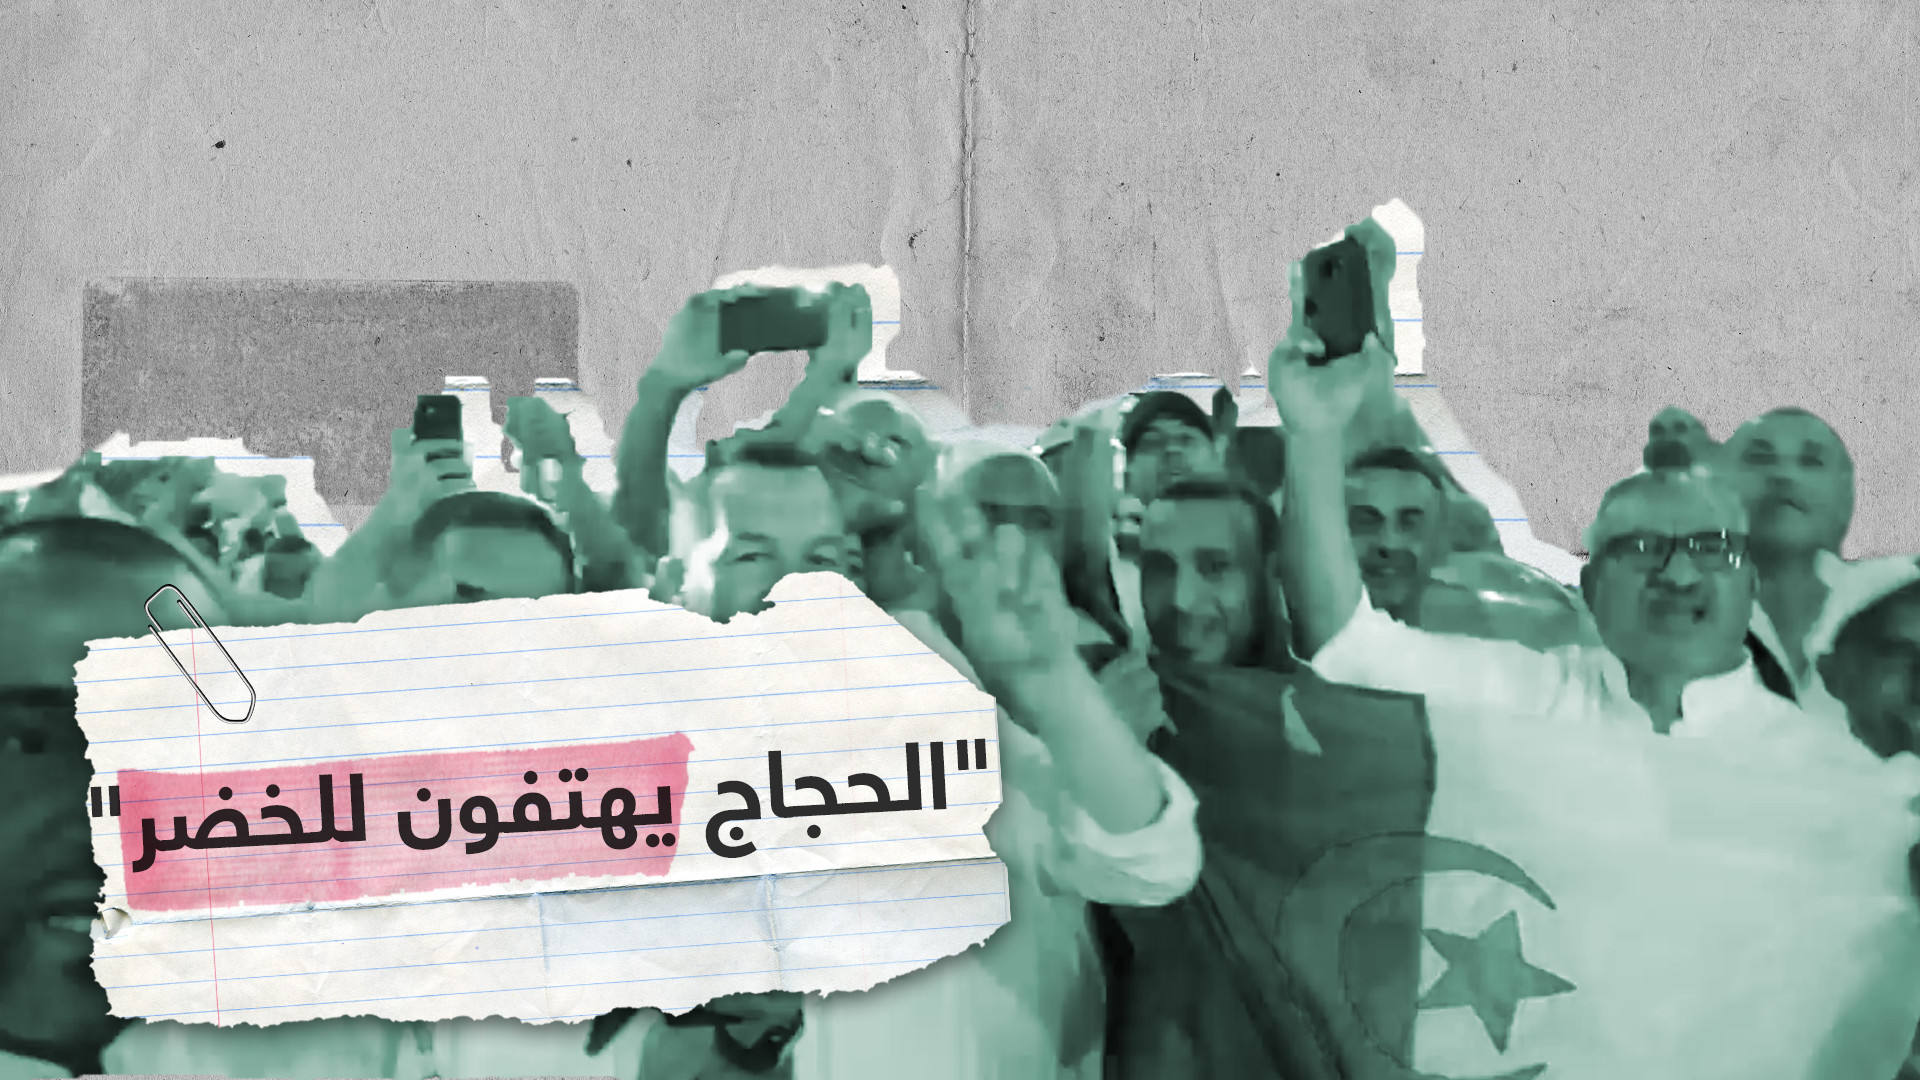 الحجاج الجزائريون يحتفلون بتتويج الخضر في المدينة المنورة